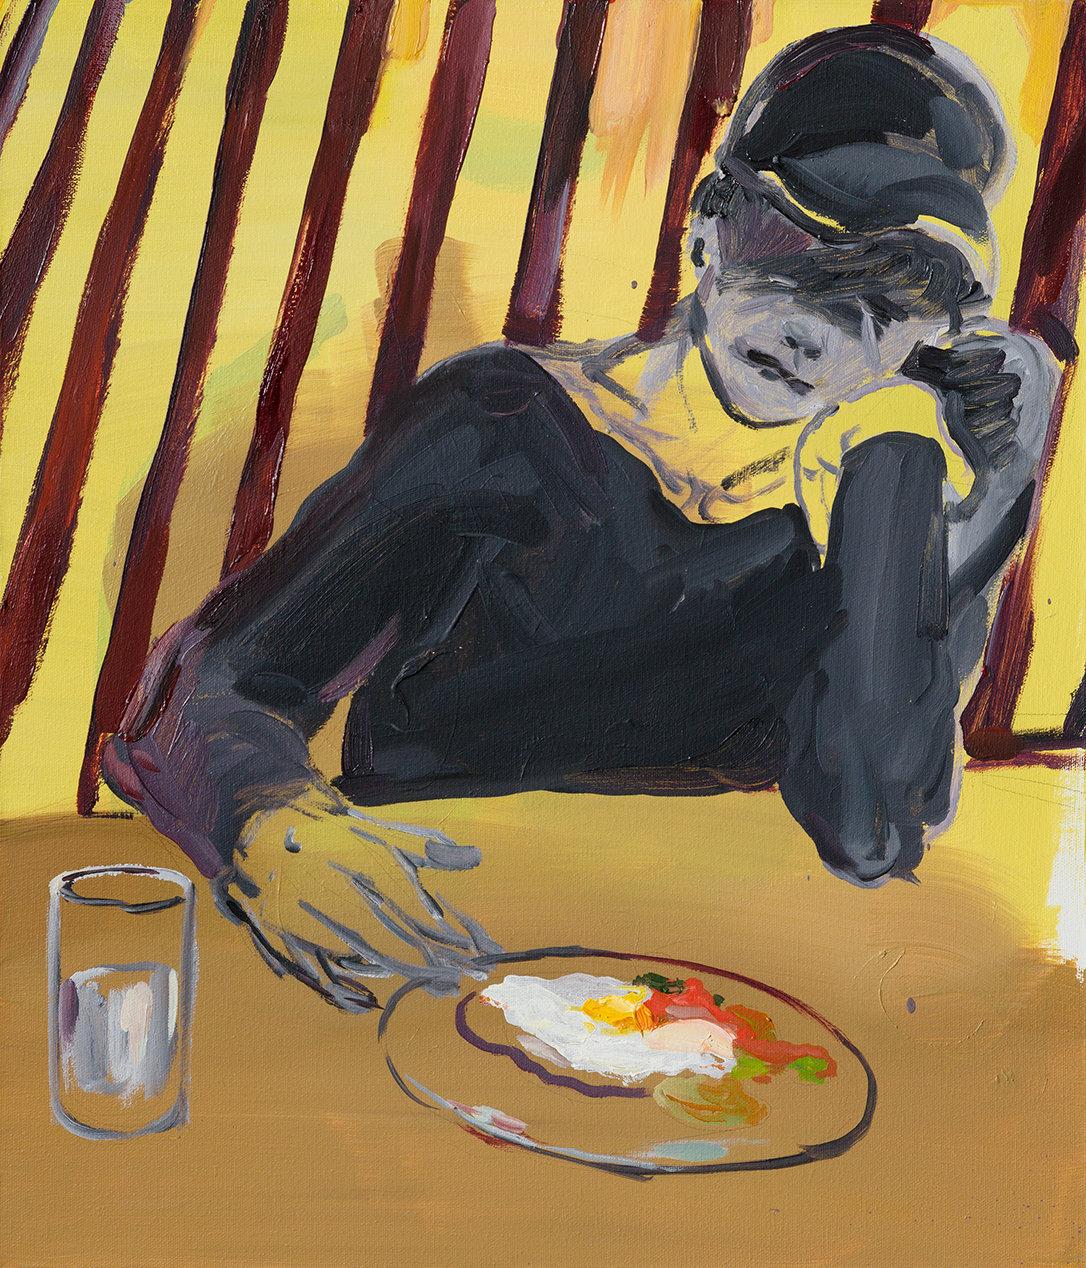 서글픈 속도의 식사, 53 x 45.5cm, 캔버스에 유채 / Oil on Canvas, 2018